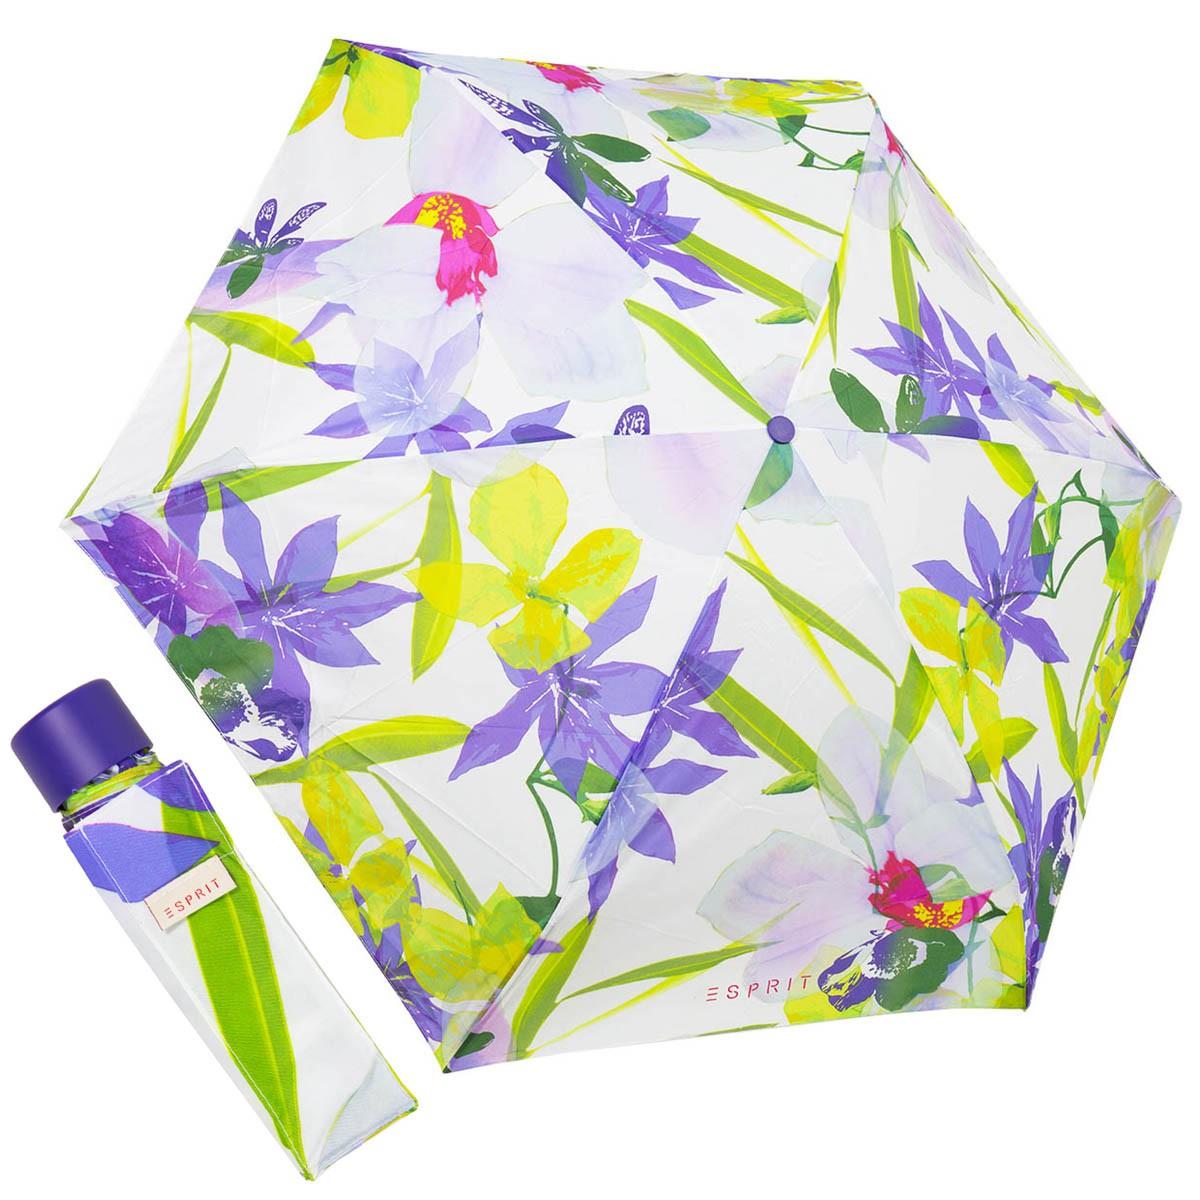 Esprit Petito Regenschirm Umbrella Special Edition 50947